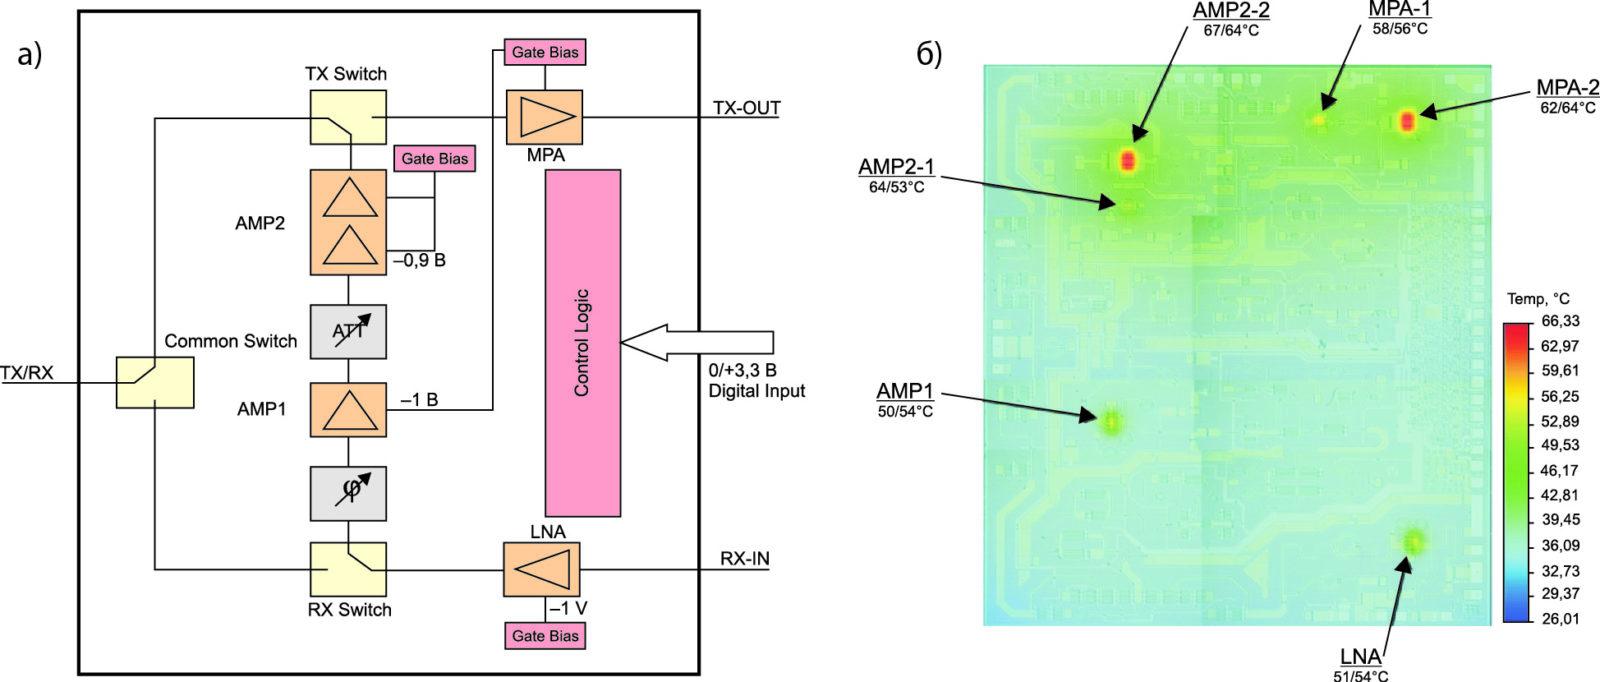 Функциональная схема ИМС управления амплитудой и фазой